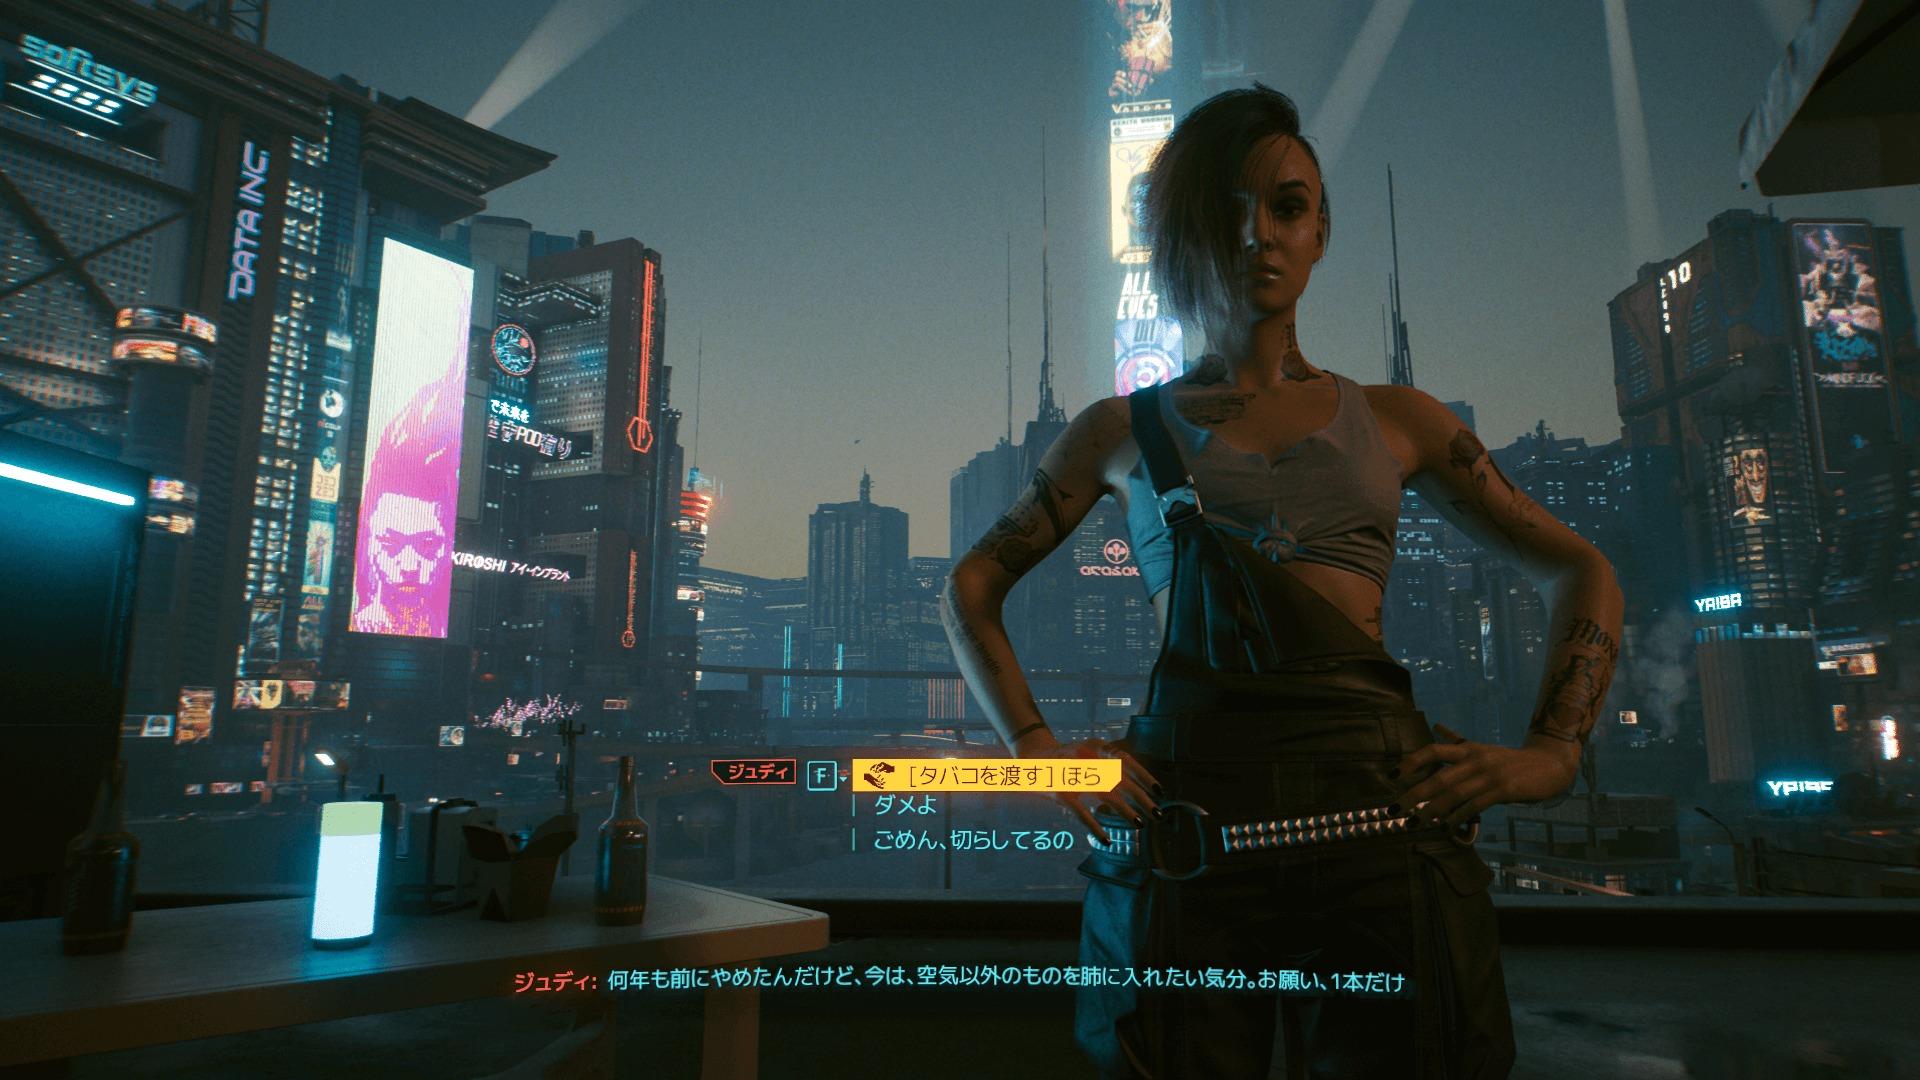 パンク 2077 サイバー